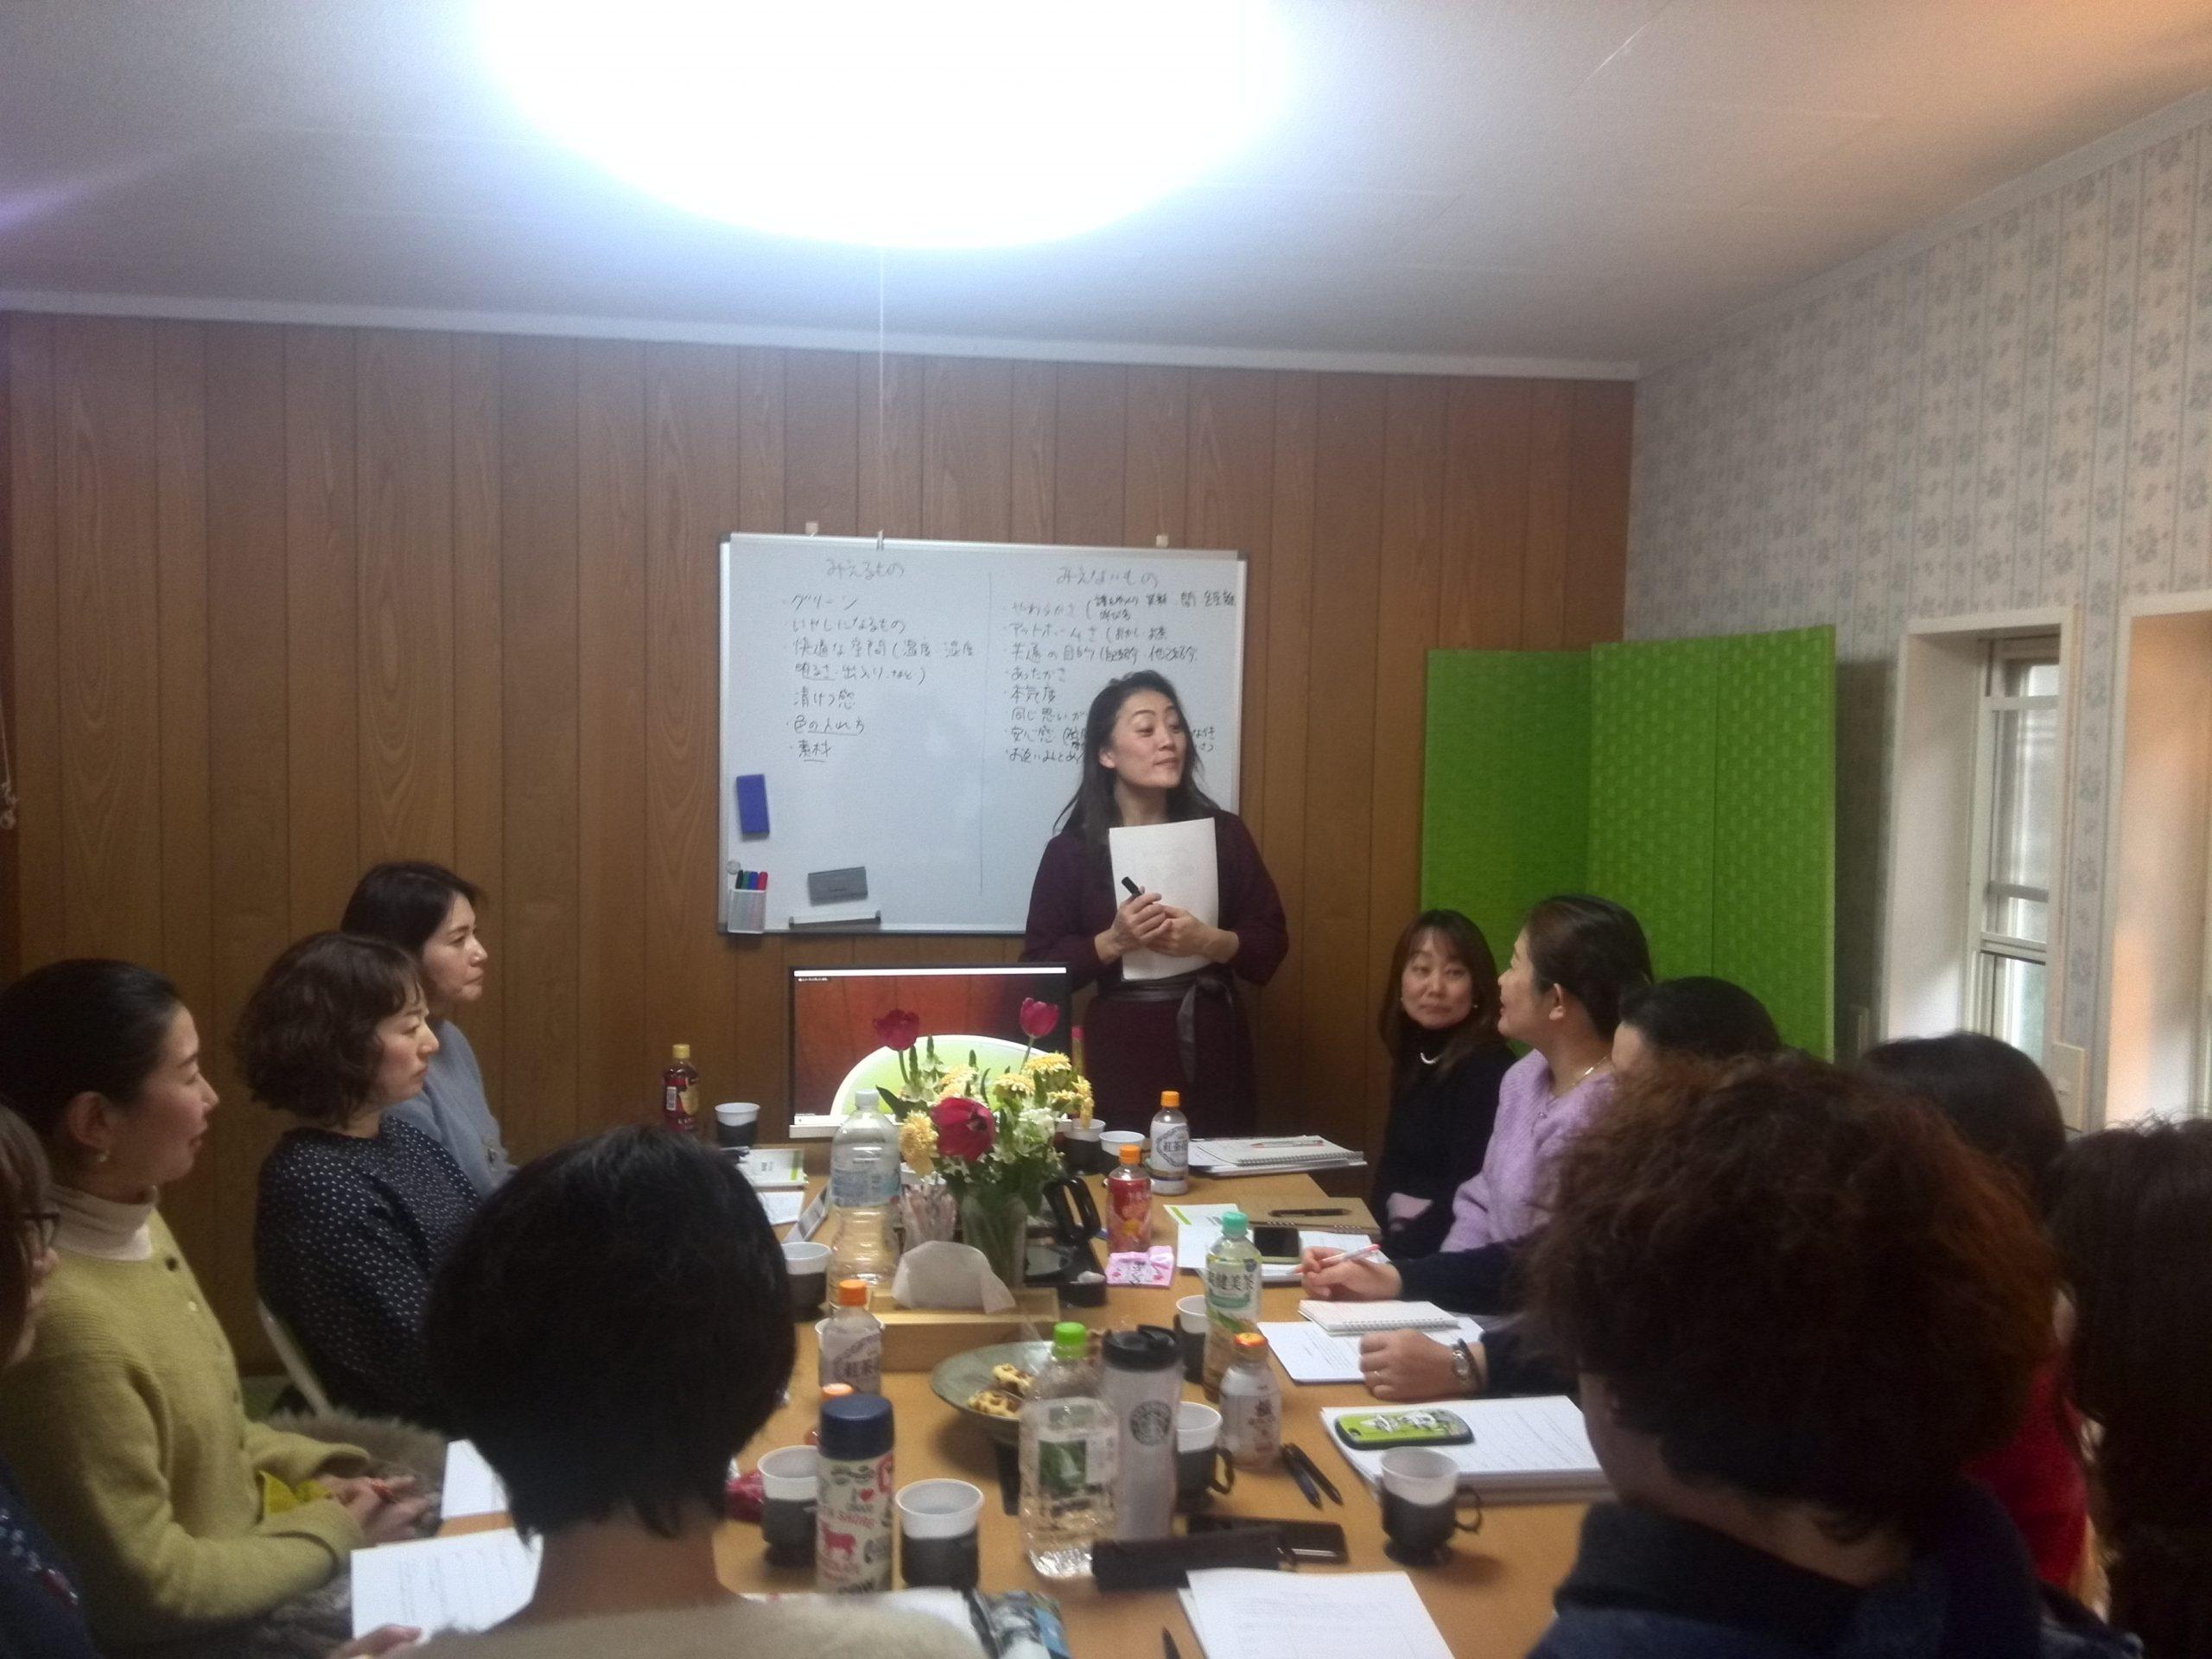 IMG 20110118 182443 scaled - 胎内記憶教育協会、講師養成講座第5期の最終講義